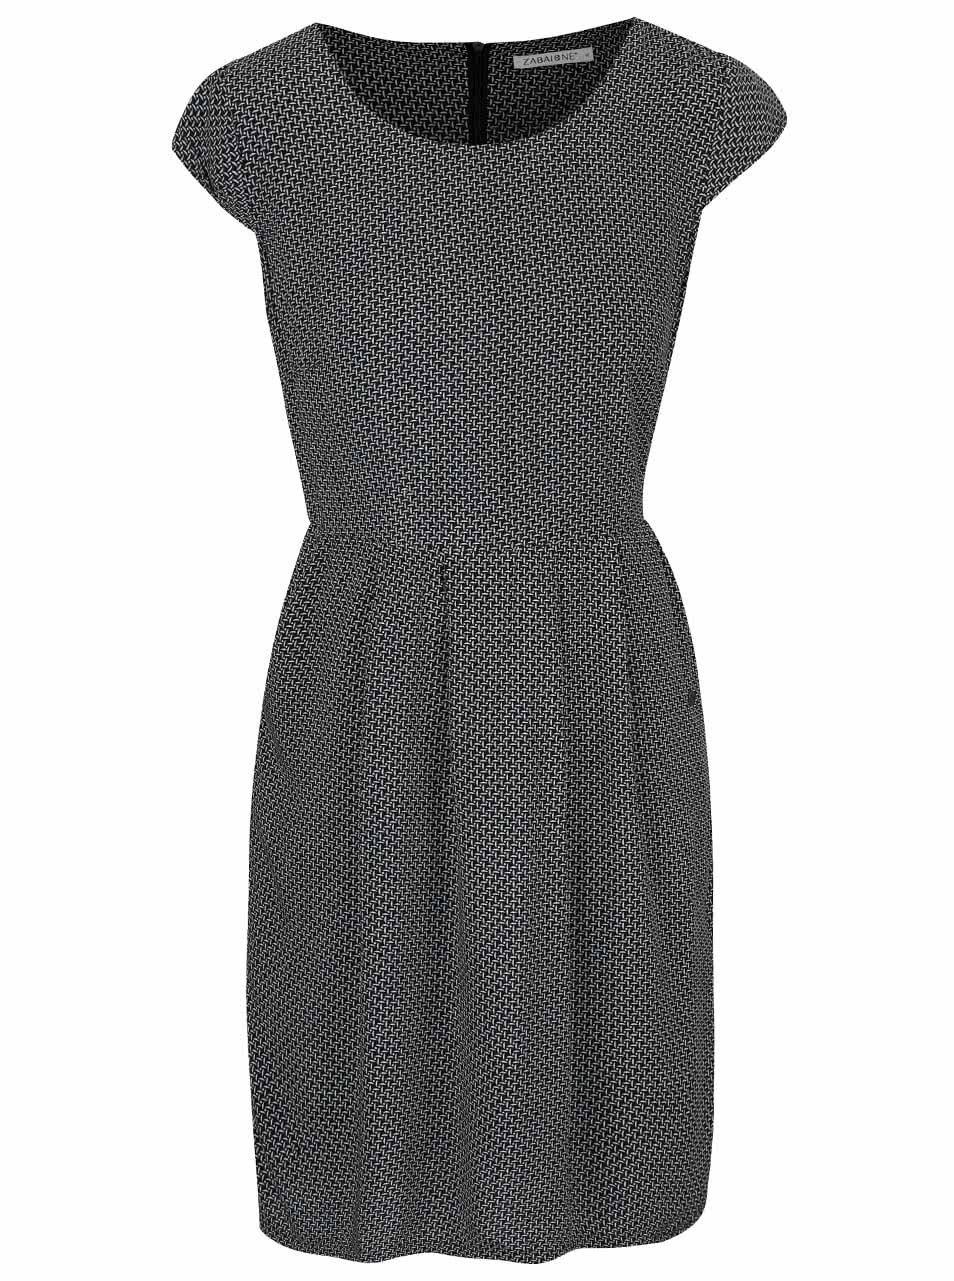 Černé Vzorované Šaty Zabaione Kleid Kathy  Zootcz